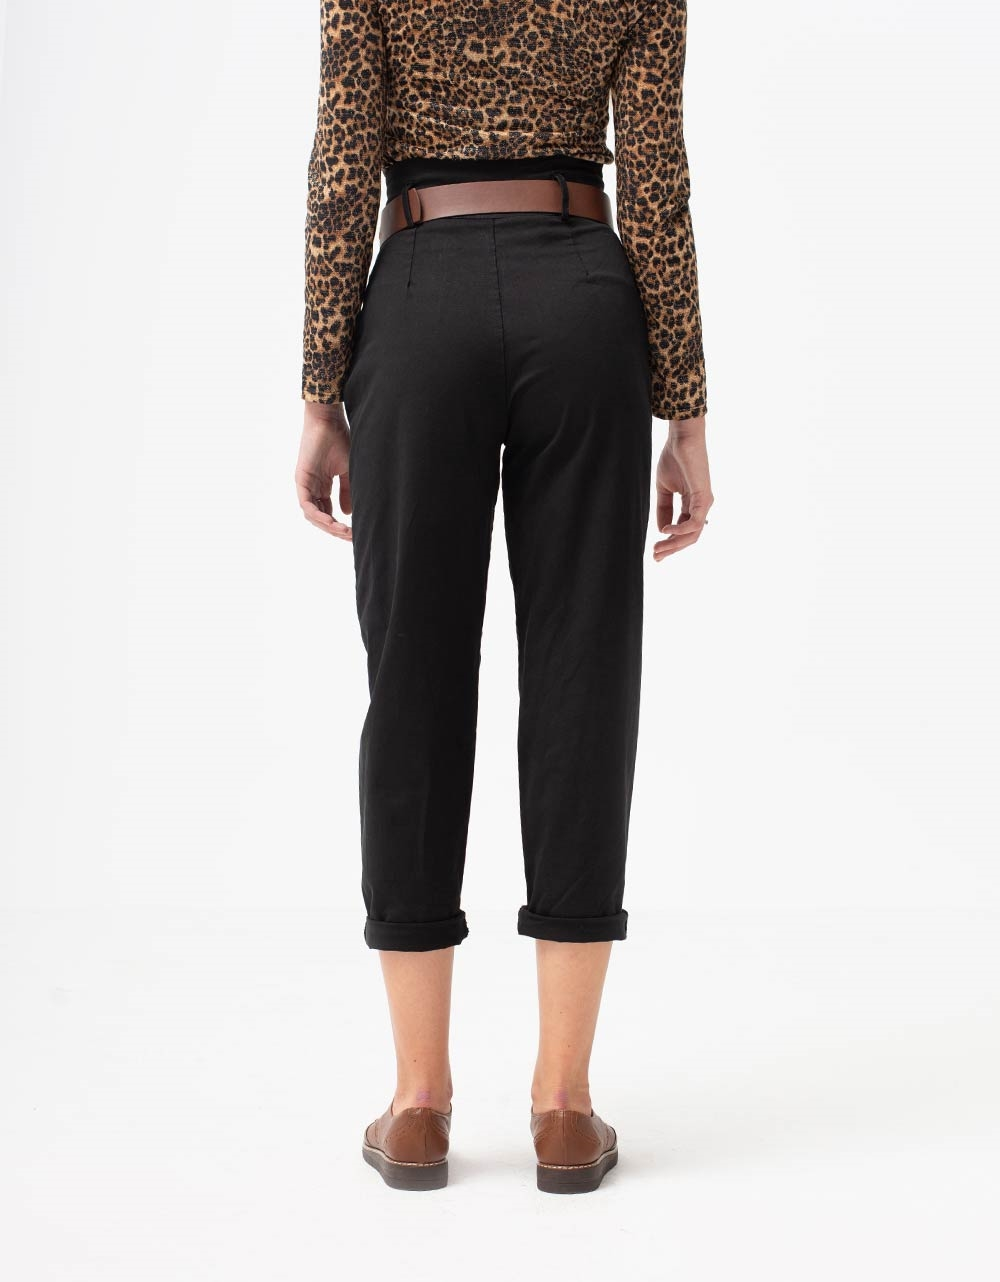 Εικόνα από Γυναικείο παντελόνι ψηλόμεσο με ζωνάκι Μαύρο